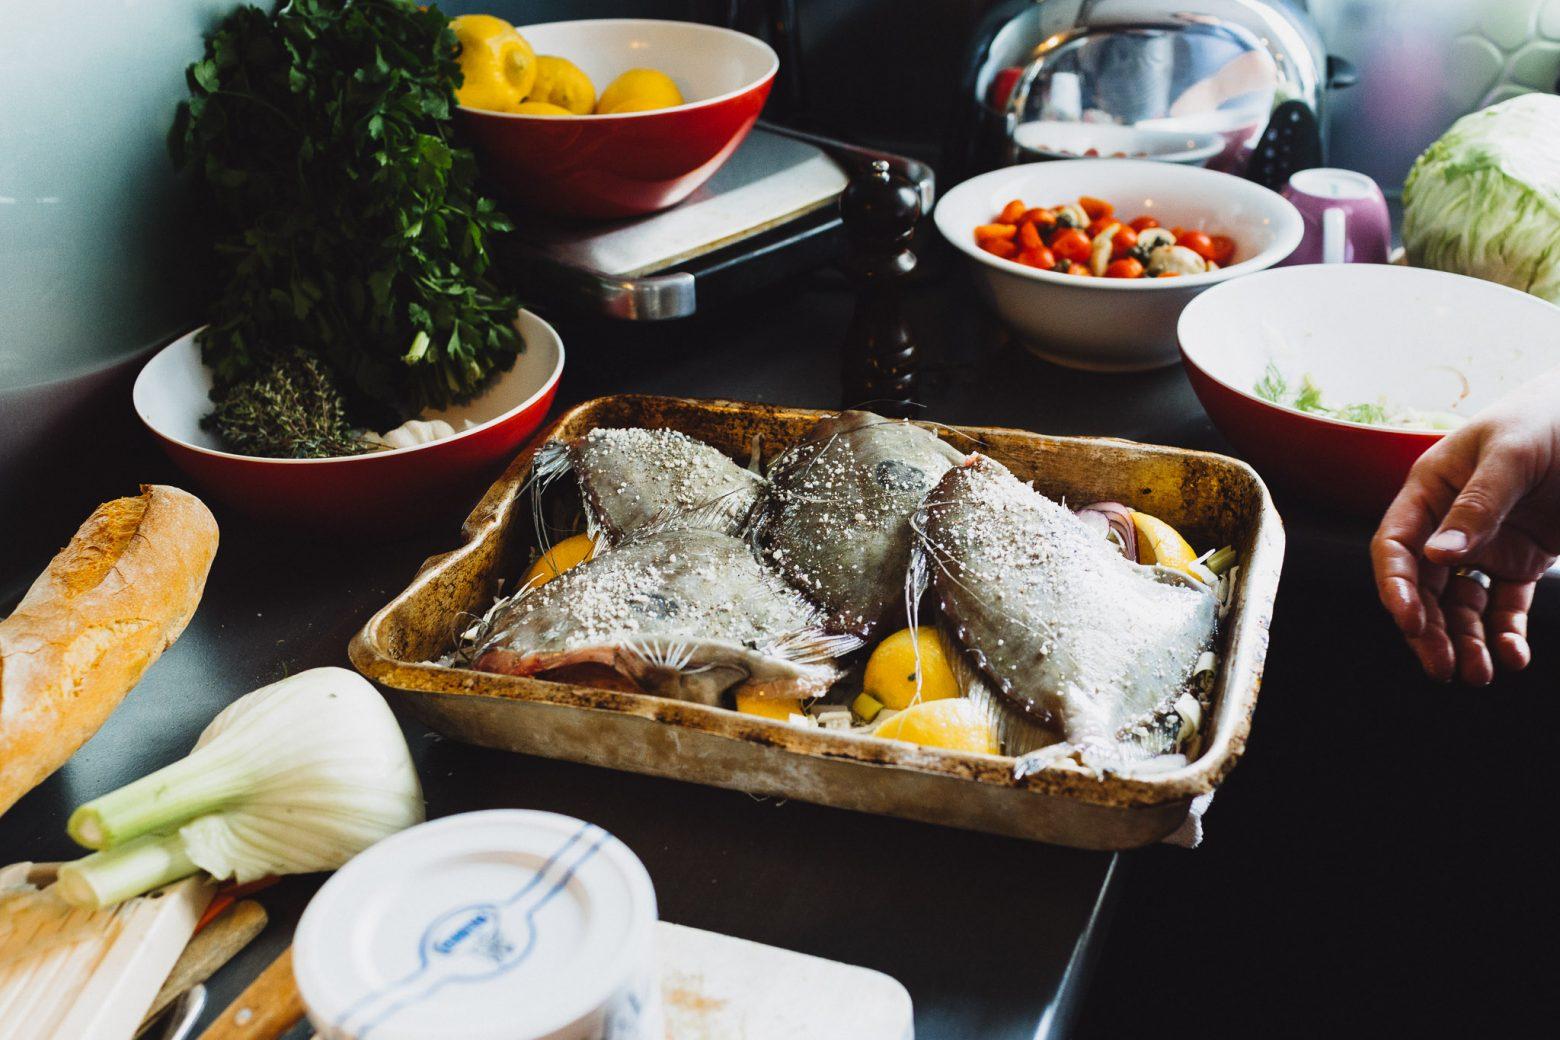 merricote-melbourne-chef-rob-fish